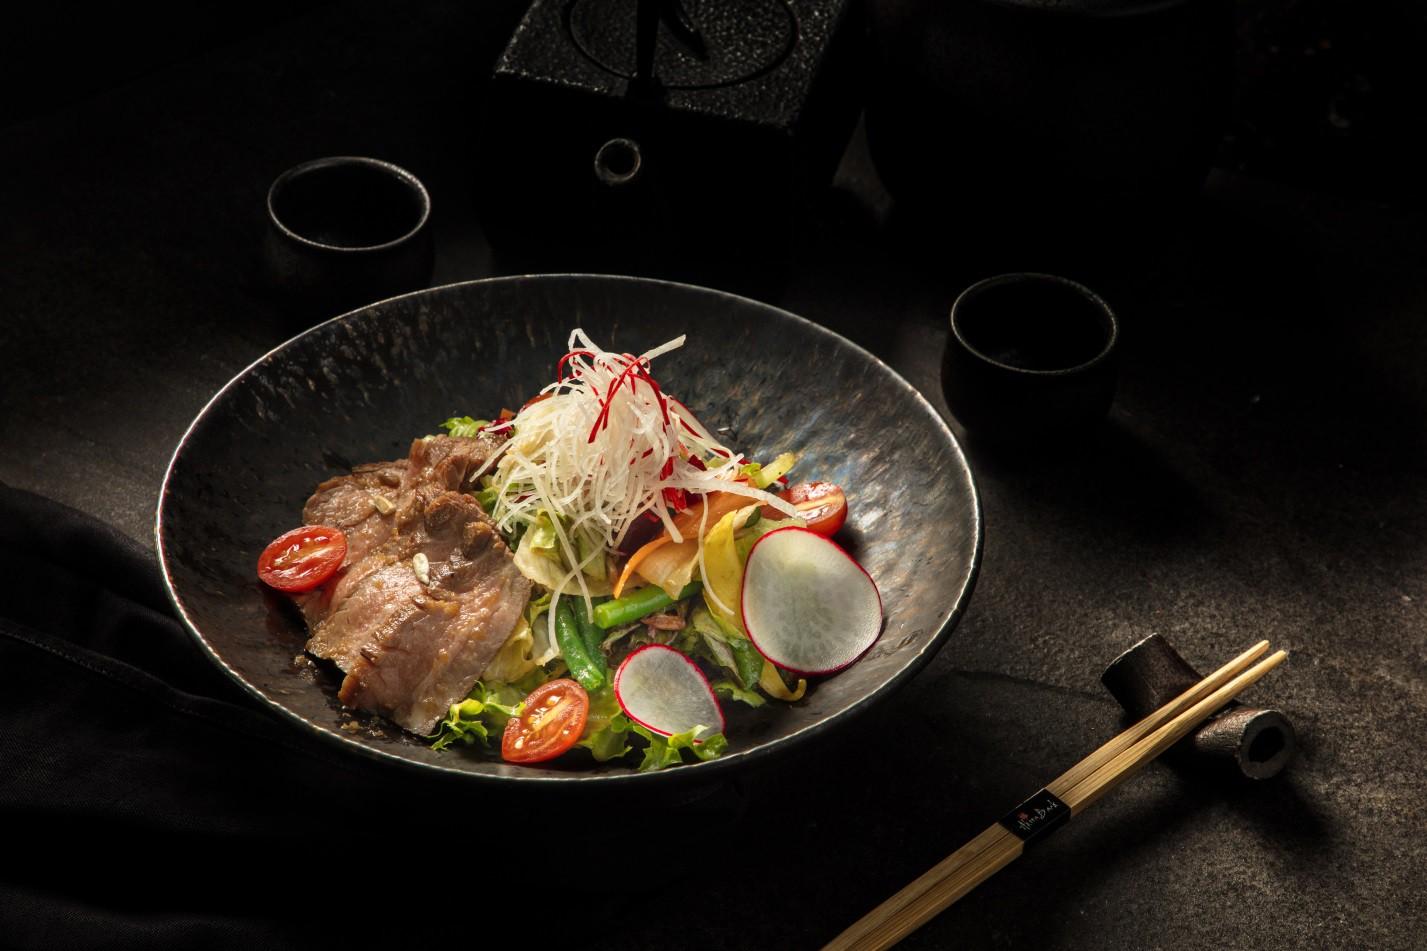 Khám phá ẩm thực Nhật Bản hiện đại trong không gian nghệ thuật đầy màu sắc - Ảnh 13.